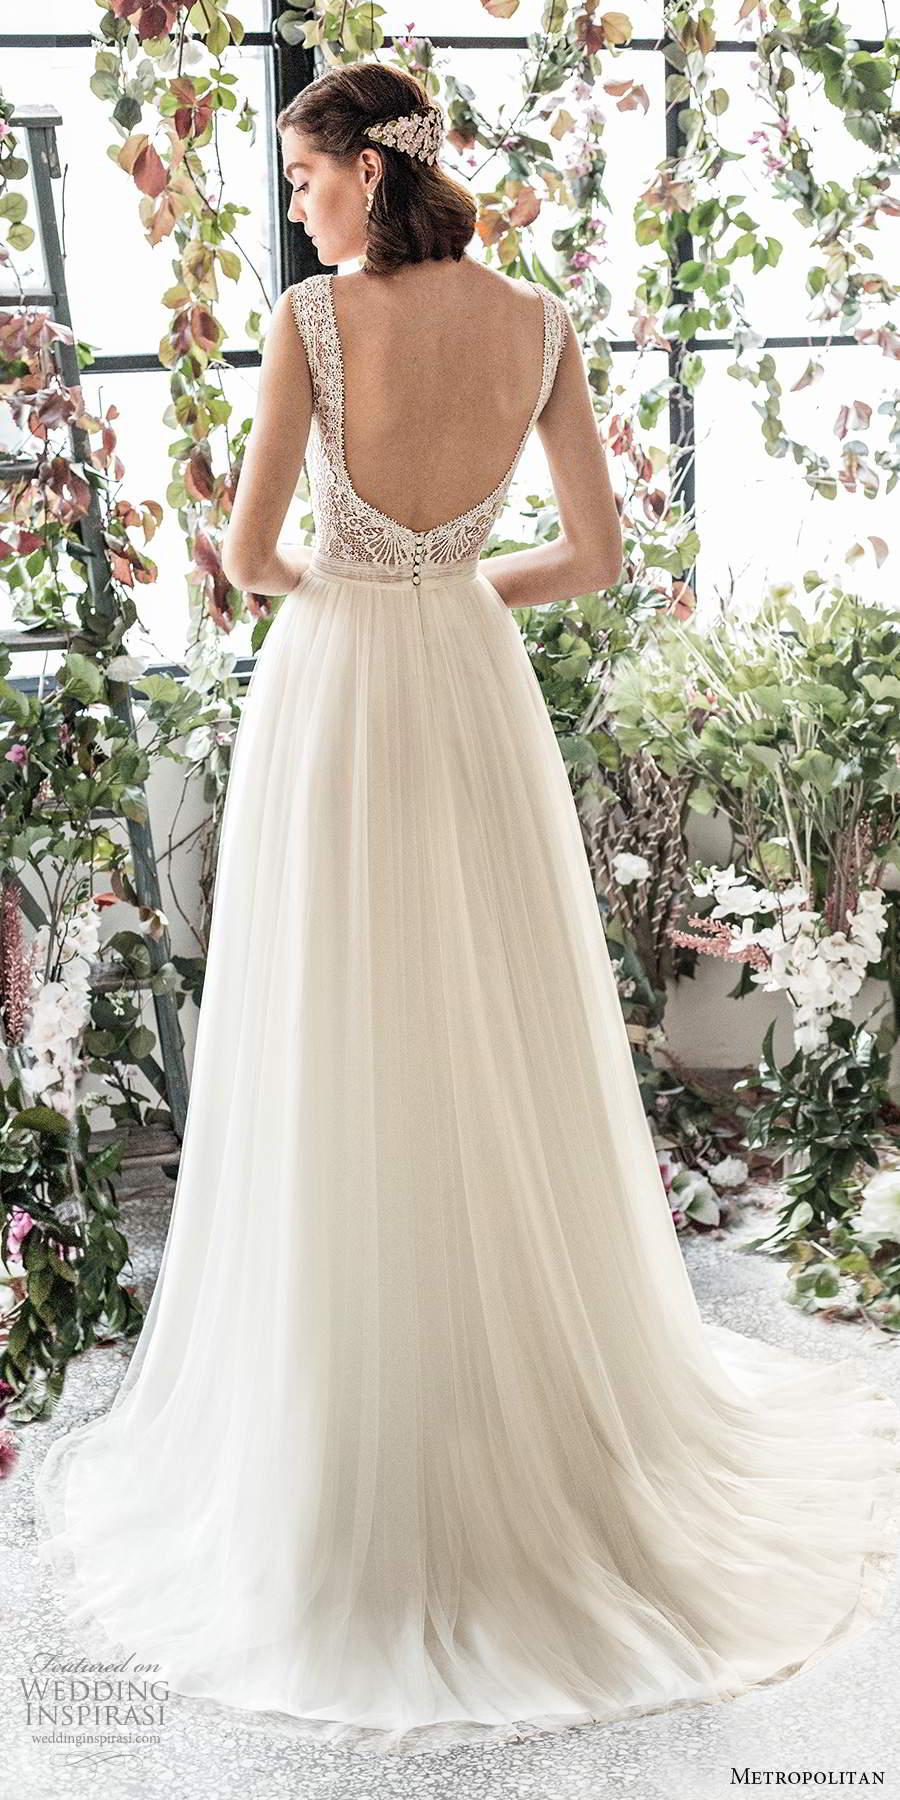 metropolitan spring 2020 bridal sleeveless thick straps plunging v neckline embellished lace bodice soft a line wedding dress (19) bv